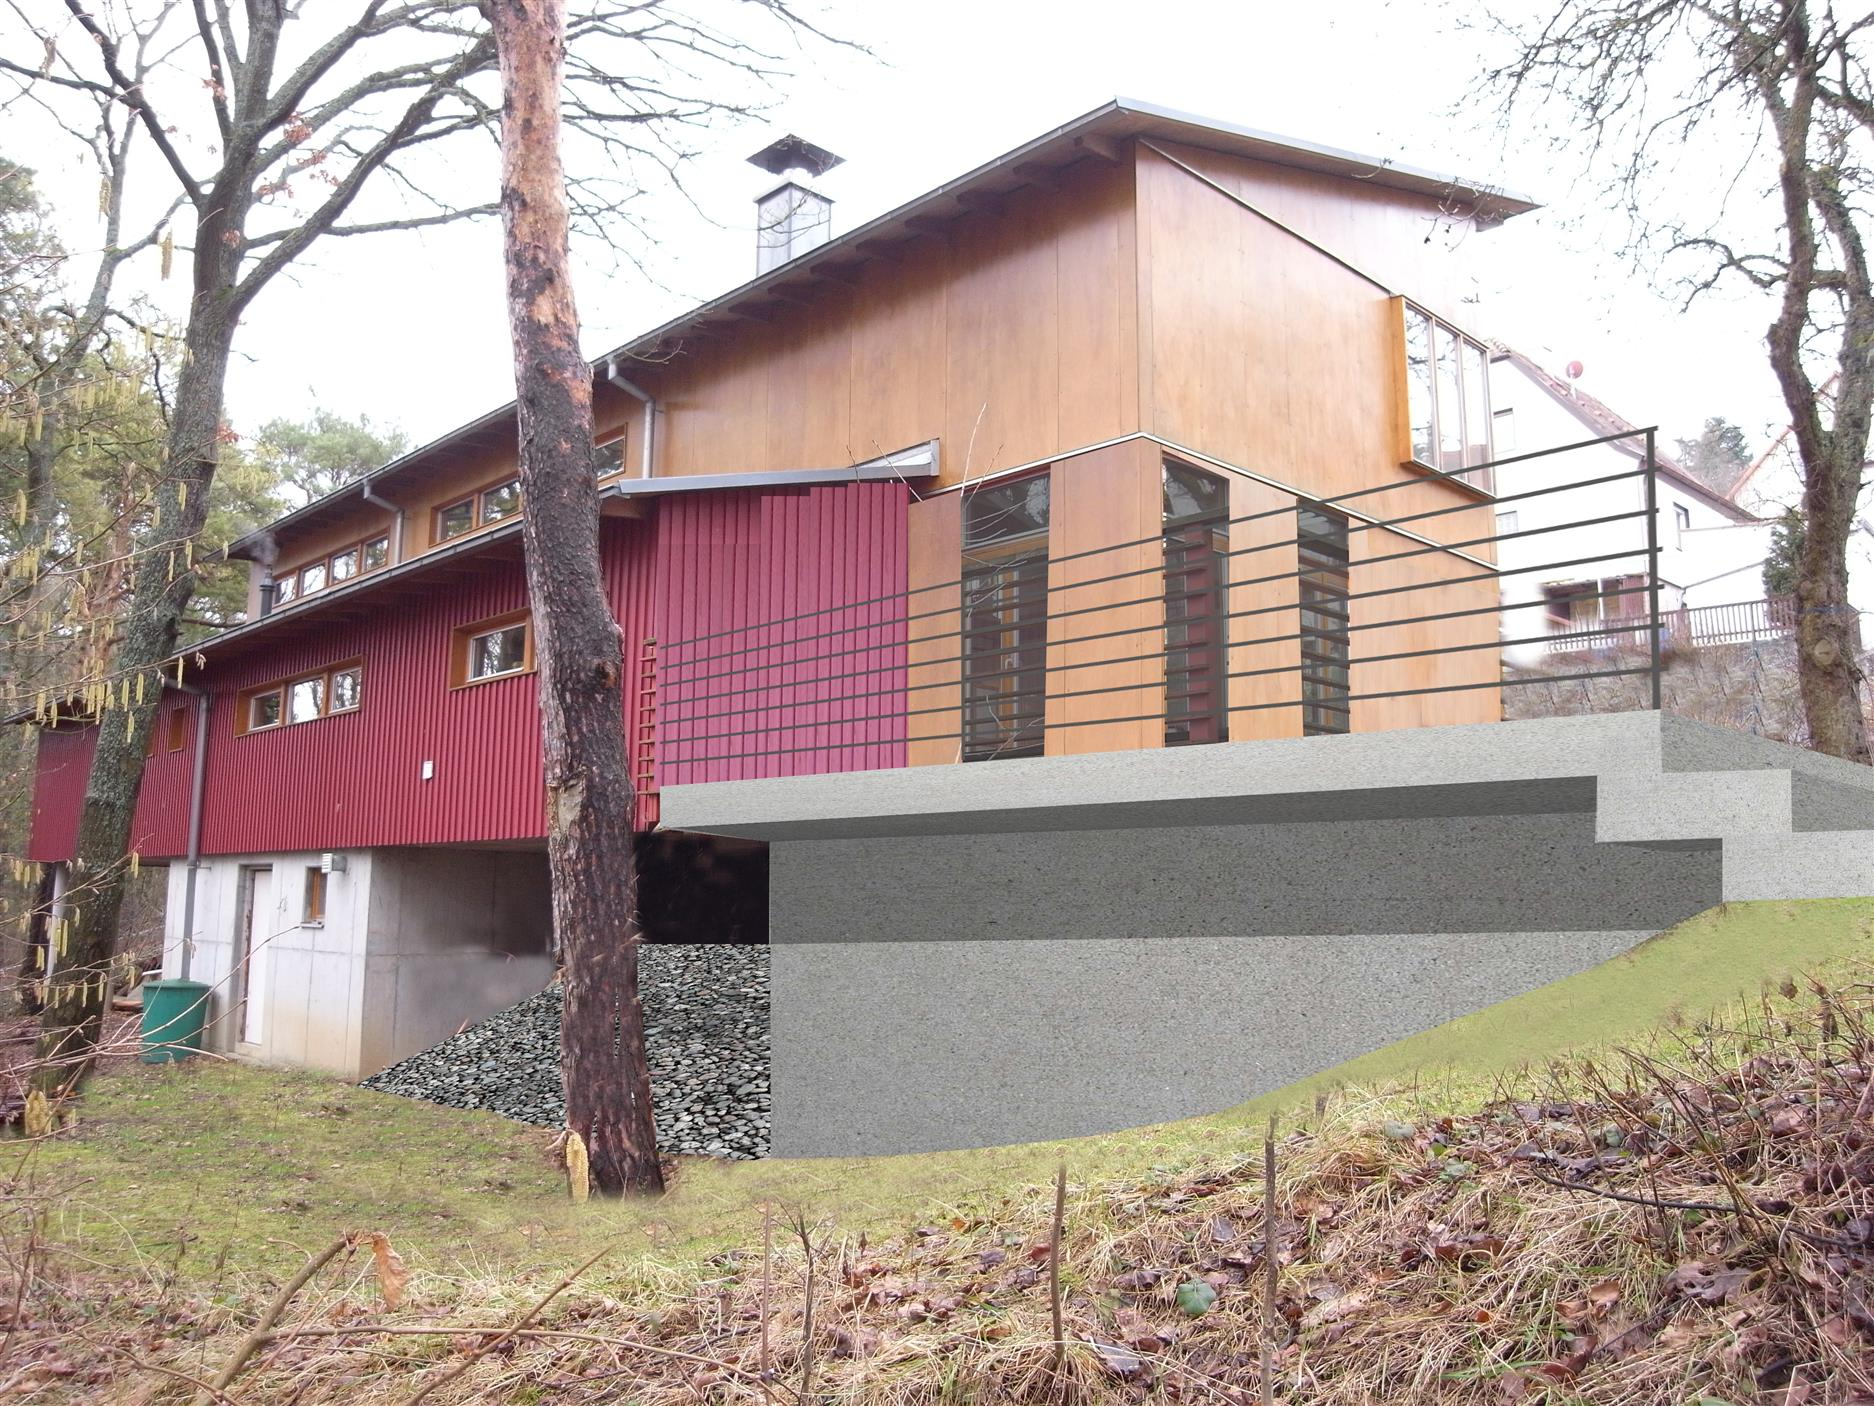 Architekt Würzburg einfamilienhaus neu würzburg andreas brüderle architekt